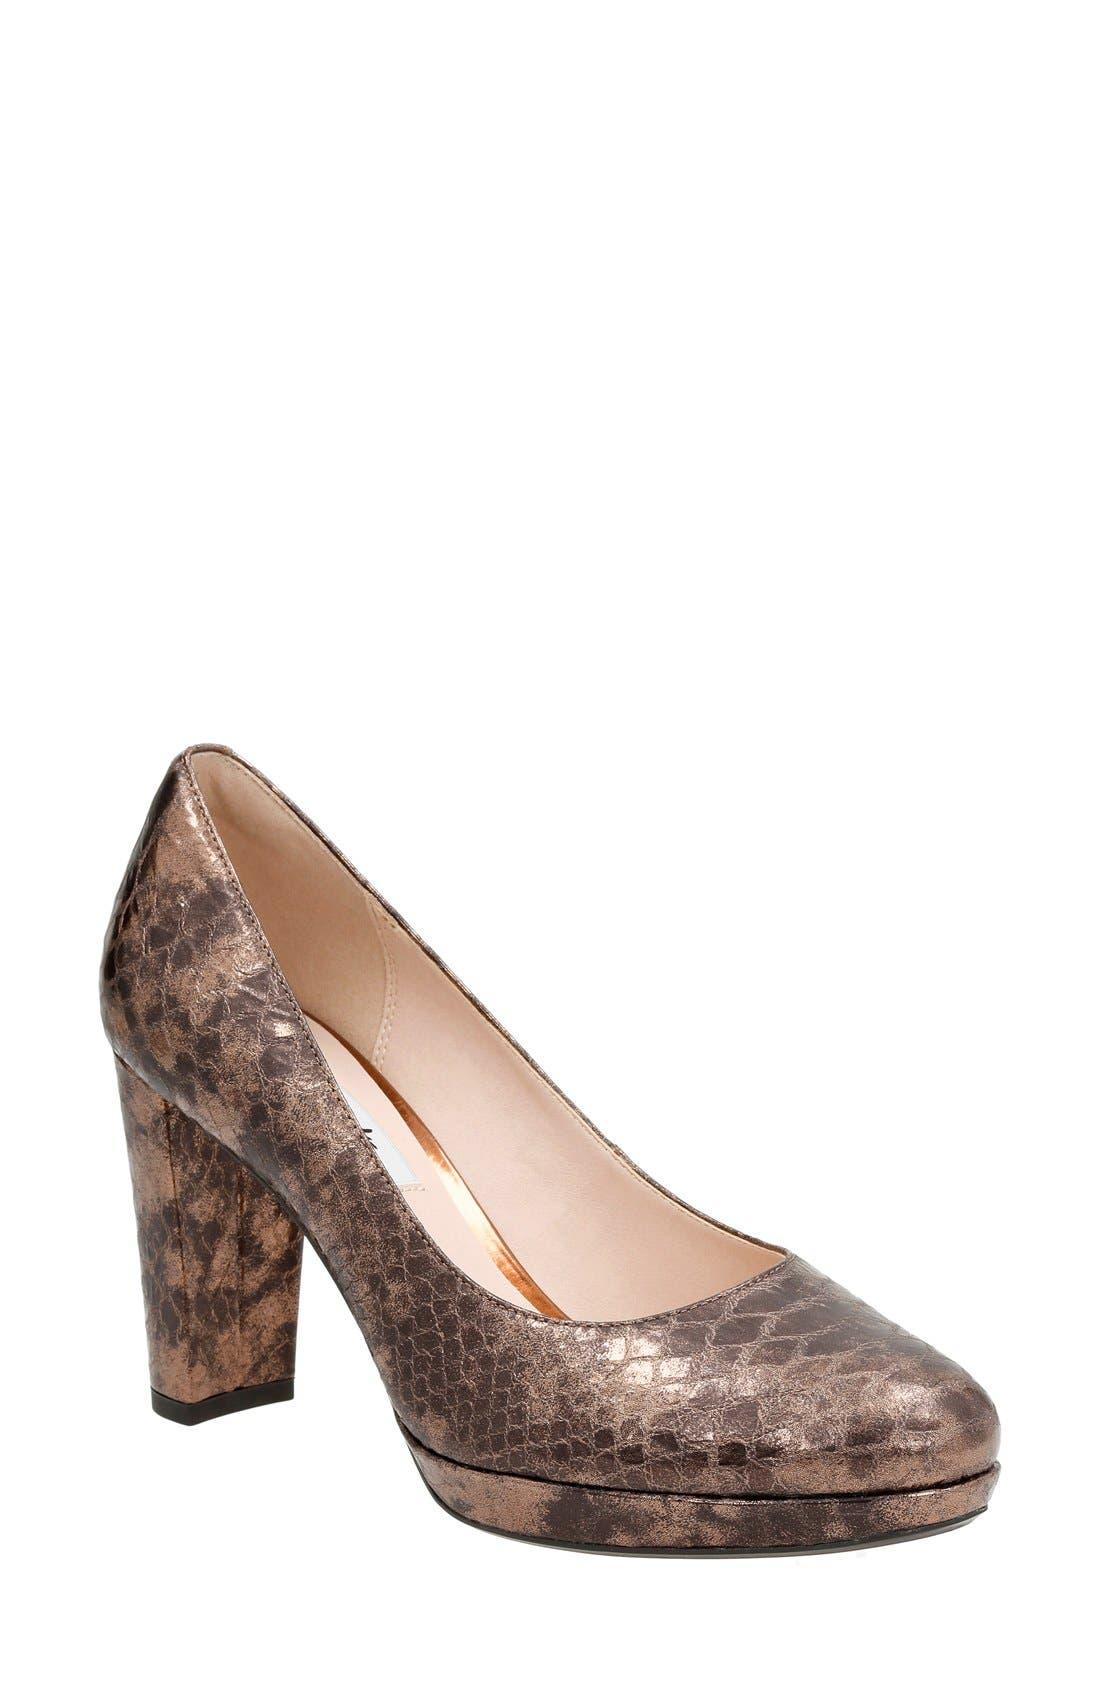 Clarks® Kendra Sienna Almond Toe Pump (Women)